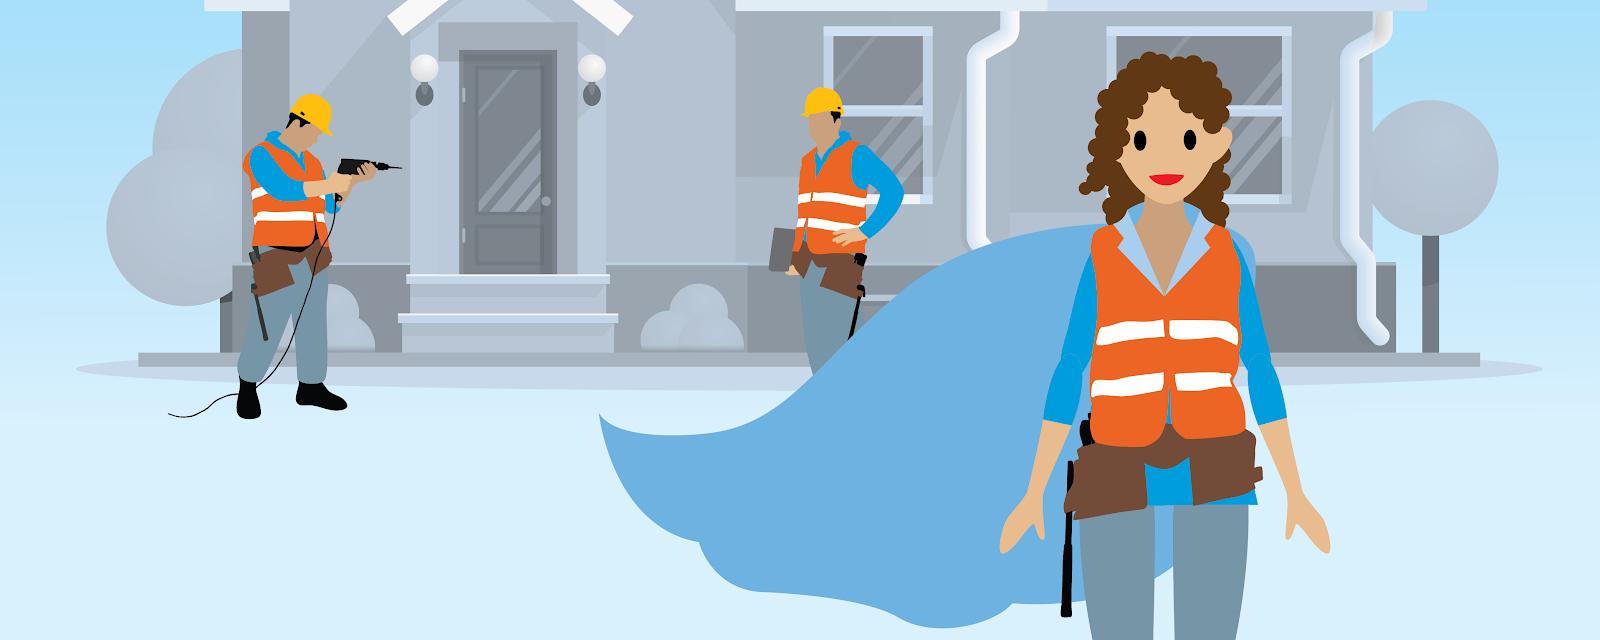 Une femme portant une cape devant une maison et deux ouvriers du bâtiment.